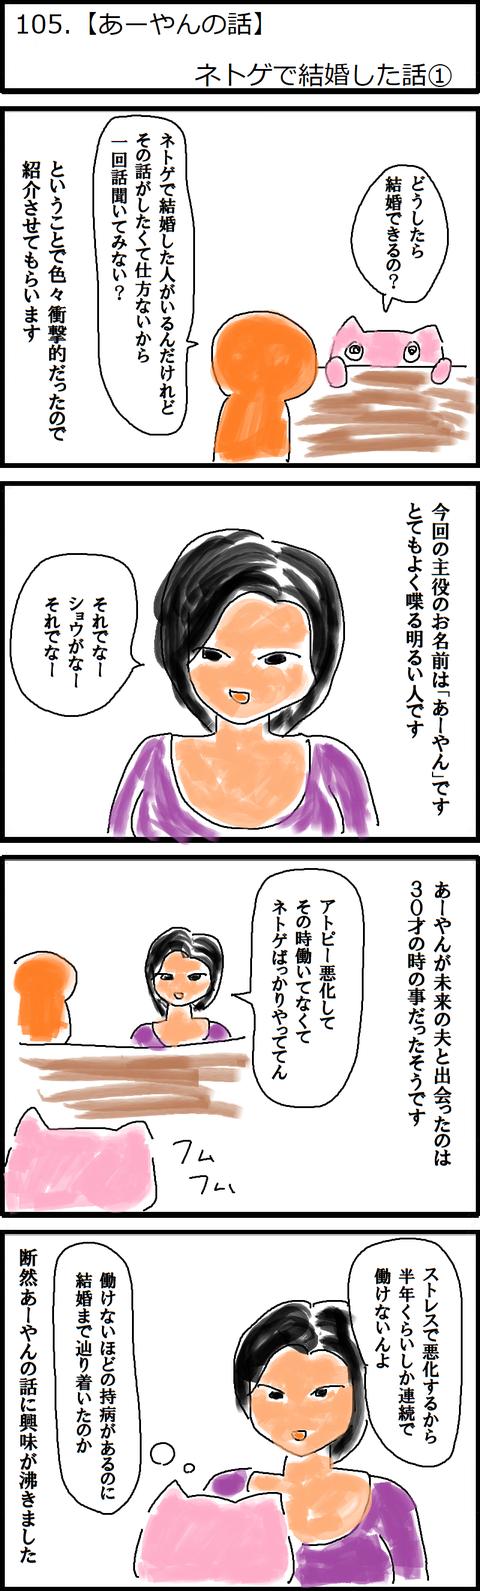 105.【あーやんの話】ネトゲで結婚した話①